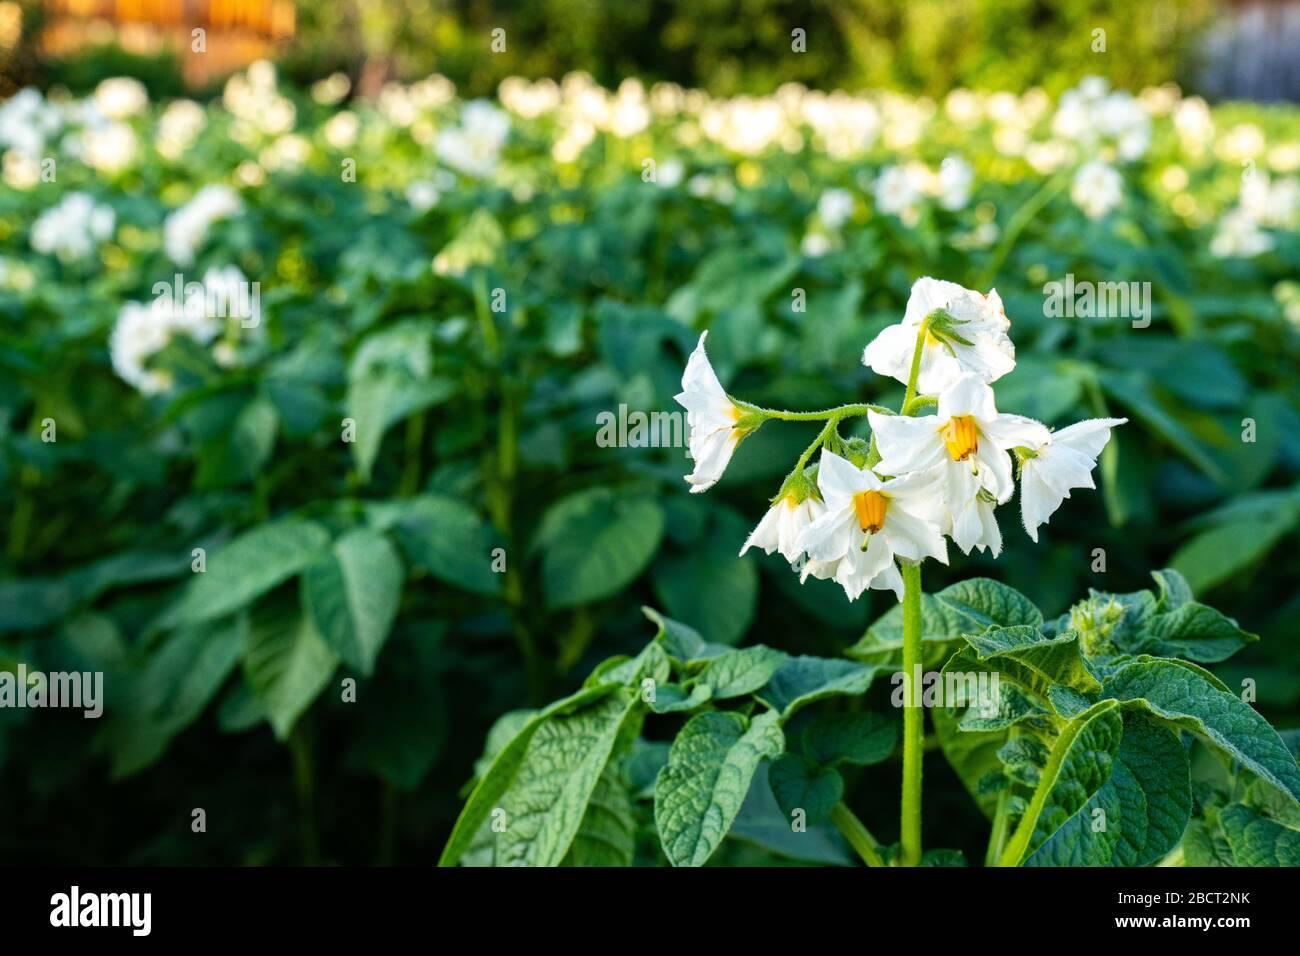 Buissons de pommes de terre fleuries. Fleur de pomme de terre avec fleurs blanches Banque D'Images